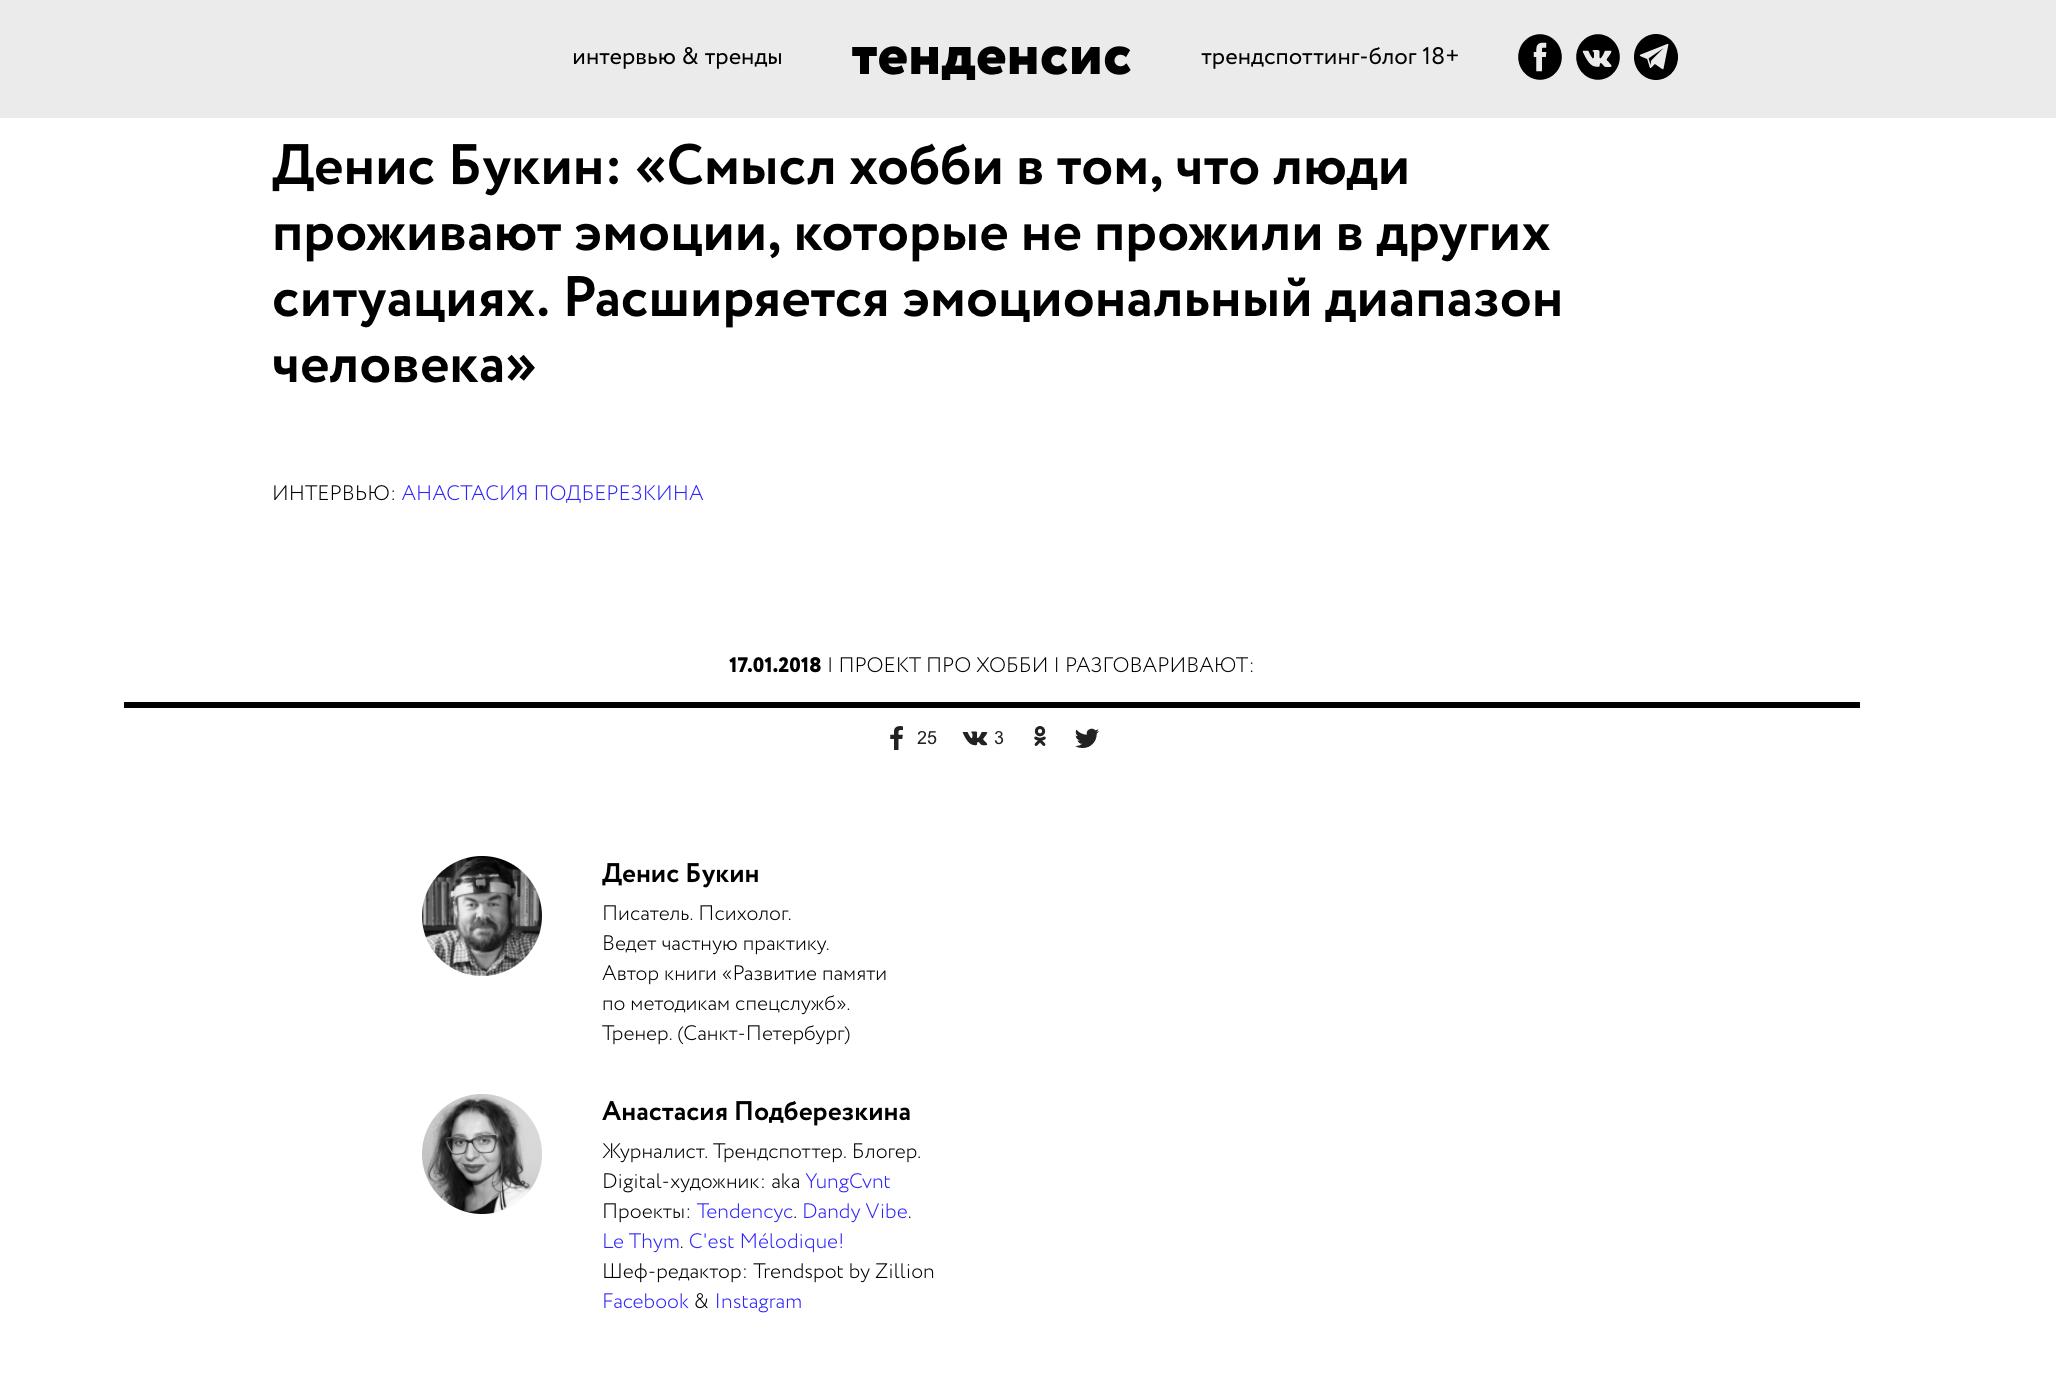 Денис Букин. Интервью на Tendencyc